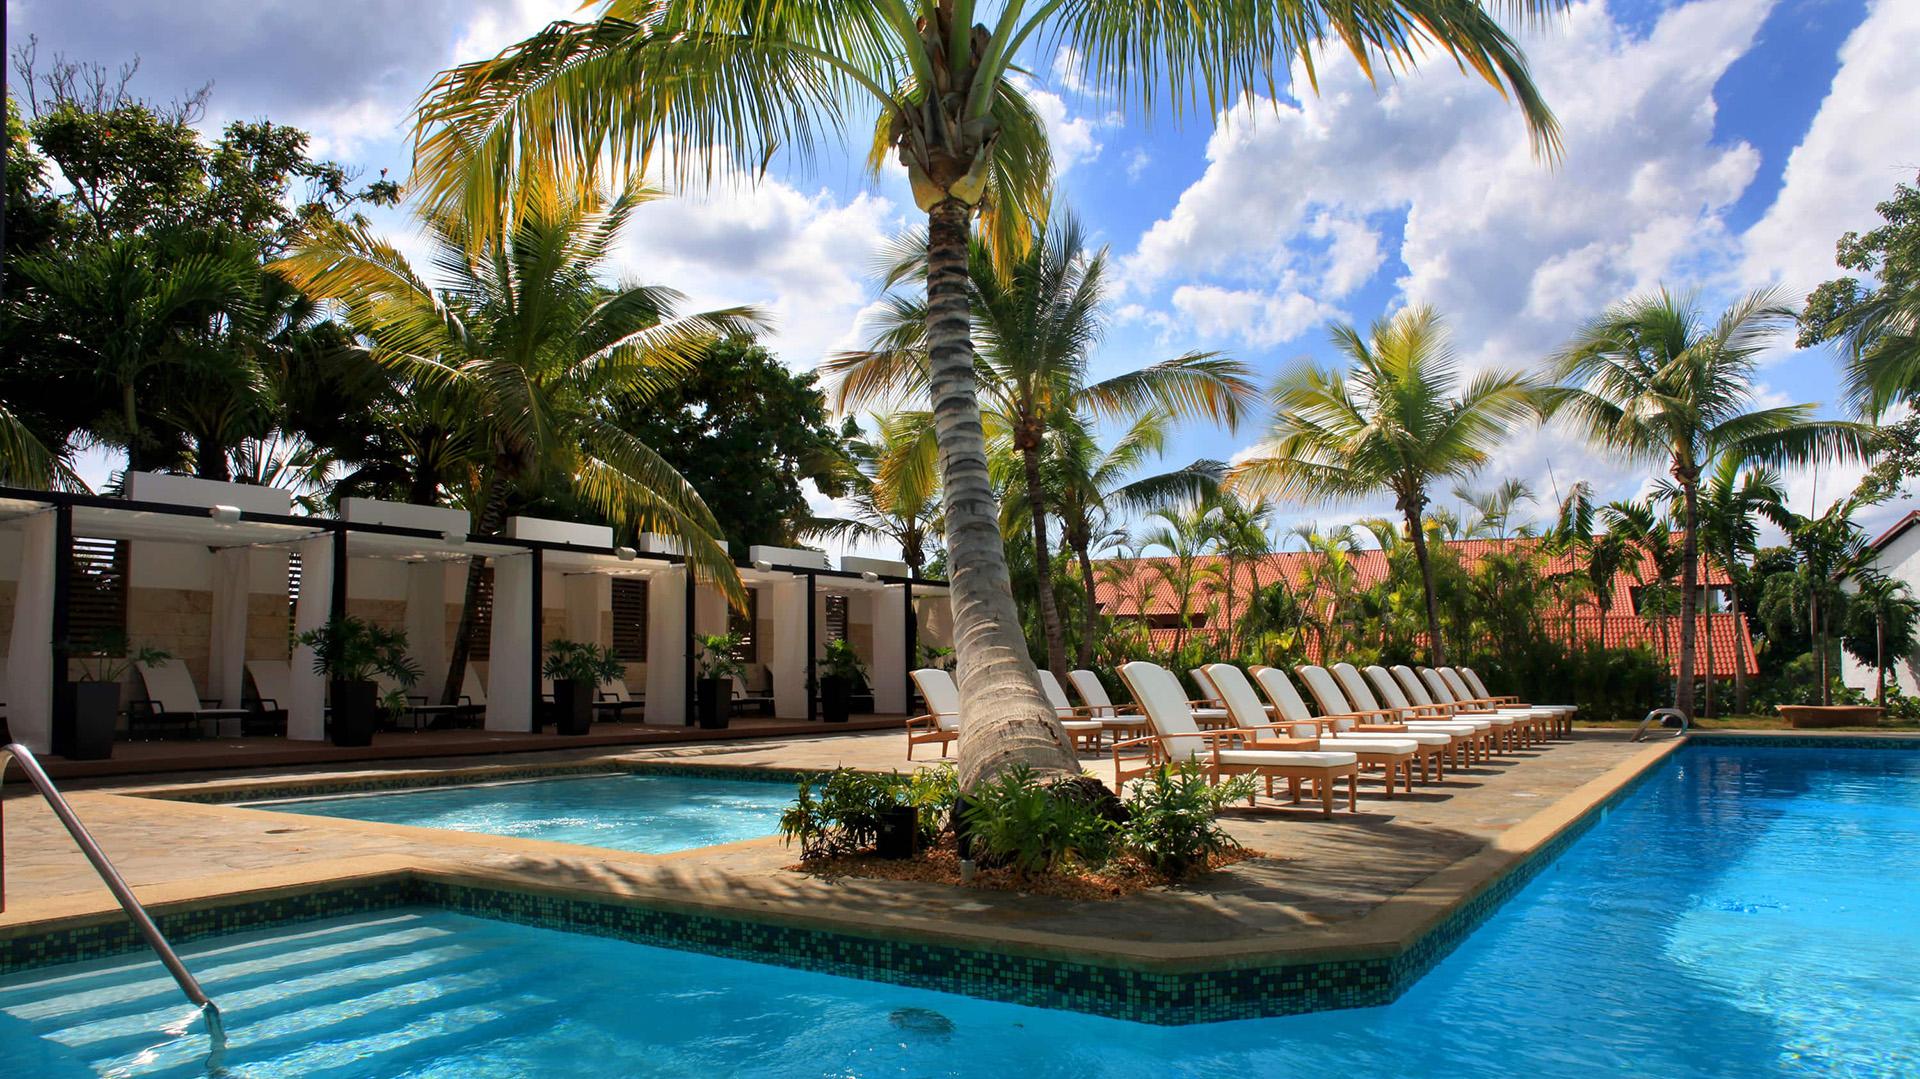 """""""Casa de Campo"""", situado en La Romana, a 100 kilómetros de Santo Domingo, es un paradisíaco complejo de más de 20 kilómetros cuadrados y numerosas villas de lujo"""